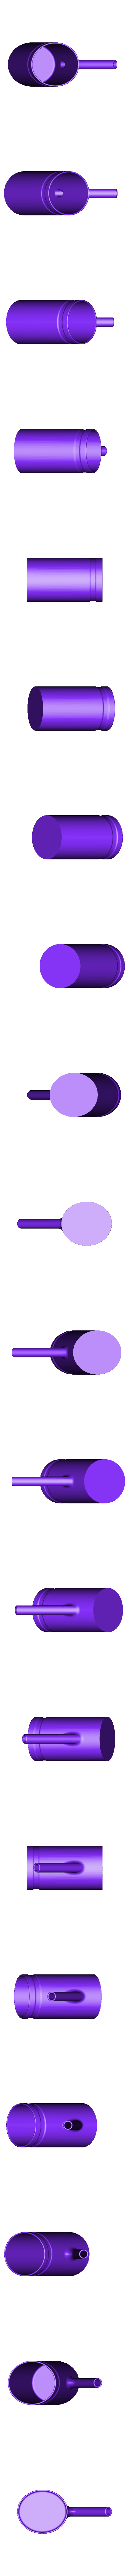 Watering_Can.stl Télécharger fichier STL gratuit Arrosoir - Facile à imprimer - Sans support • Plan pour imprimante 3D, GeorgeHinton